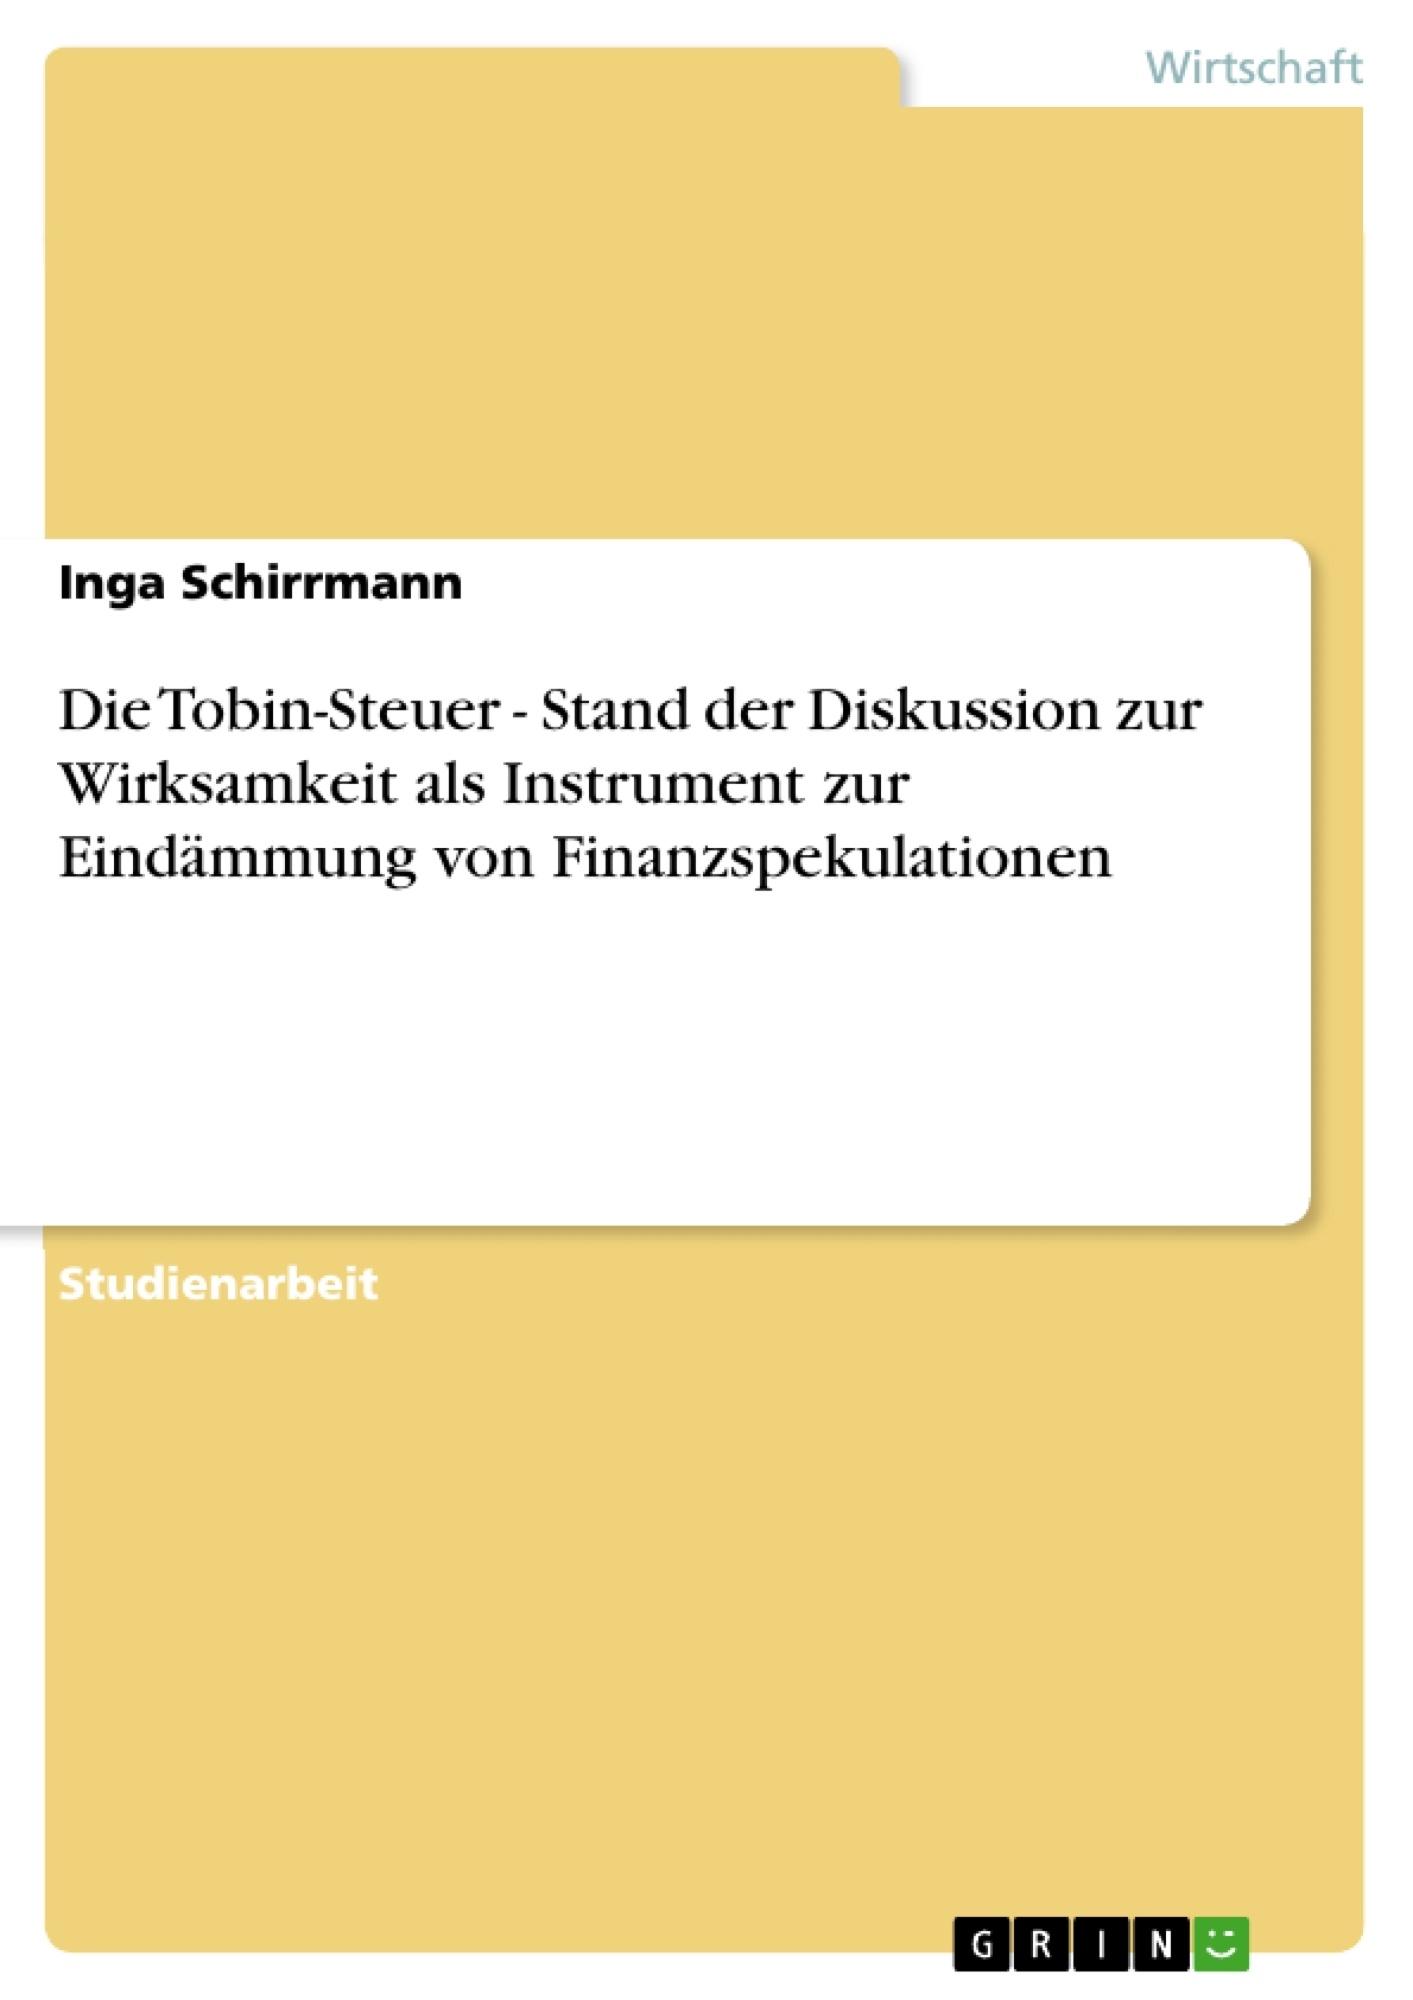 Titel: Die Tobin-Steuer - Stand der Diskussion zur Wirksamkeit als Instrument zur Eindämmung von Finanzspekulationen